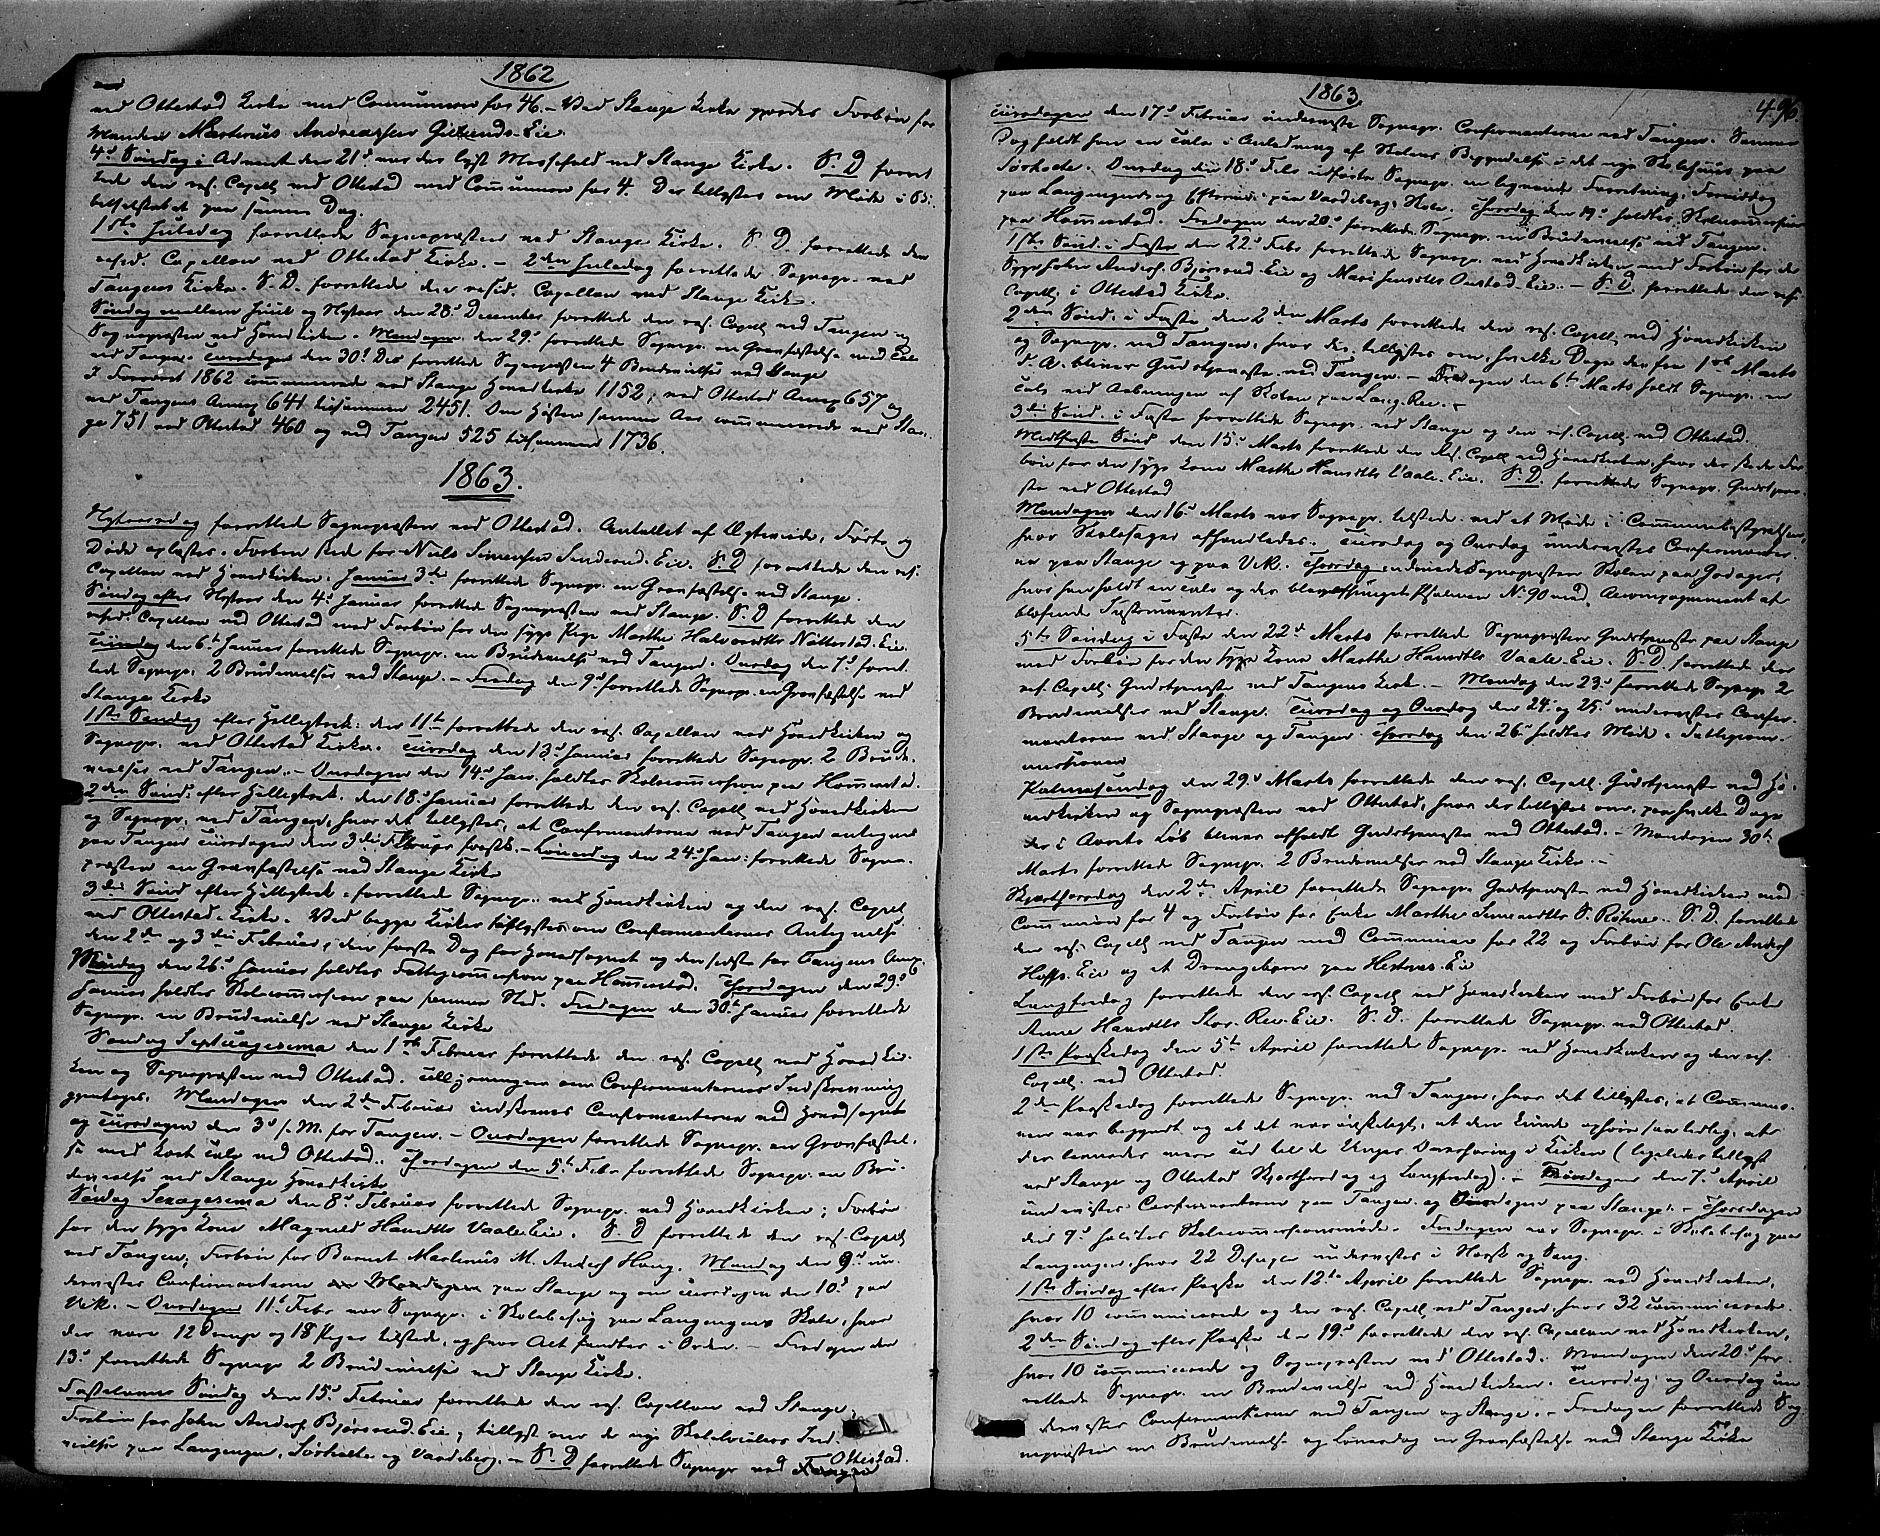 SAH, Stange prestekontor, K/L0013: Parish register (official) no. 13, 1862-1879, p. 496